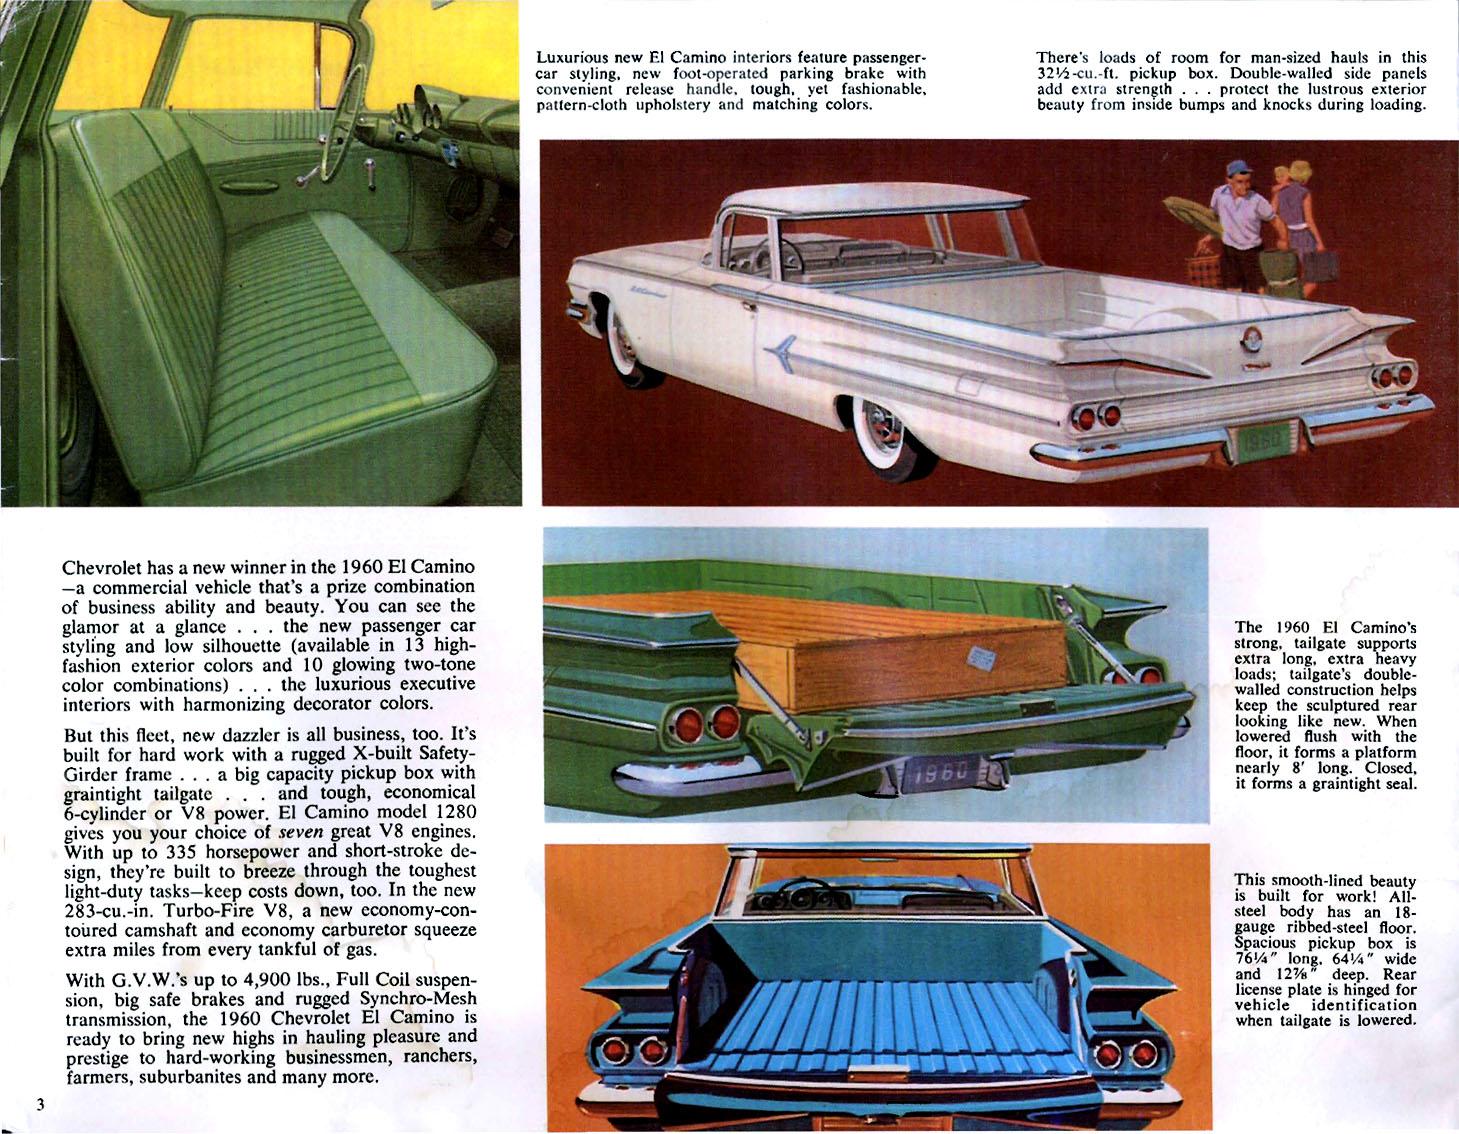 1960 Chevrolet El Camino and Sedan Delivery-03